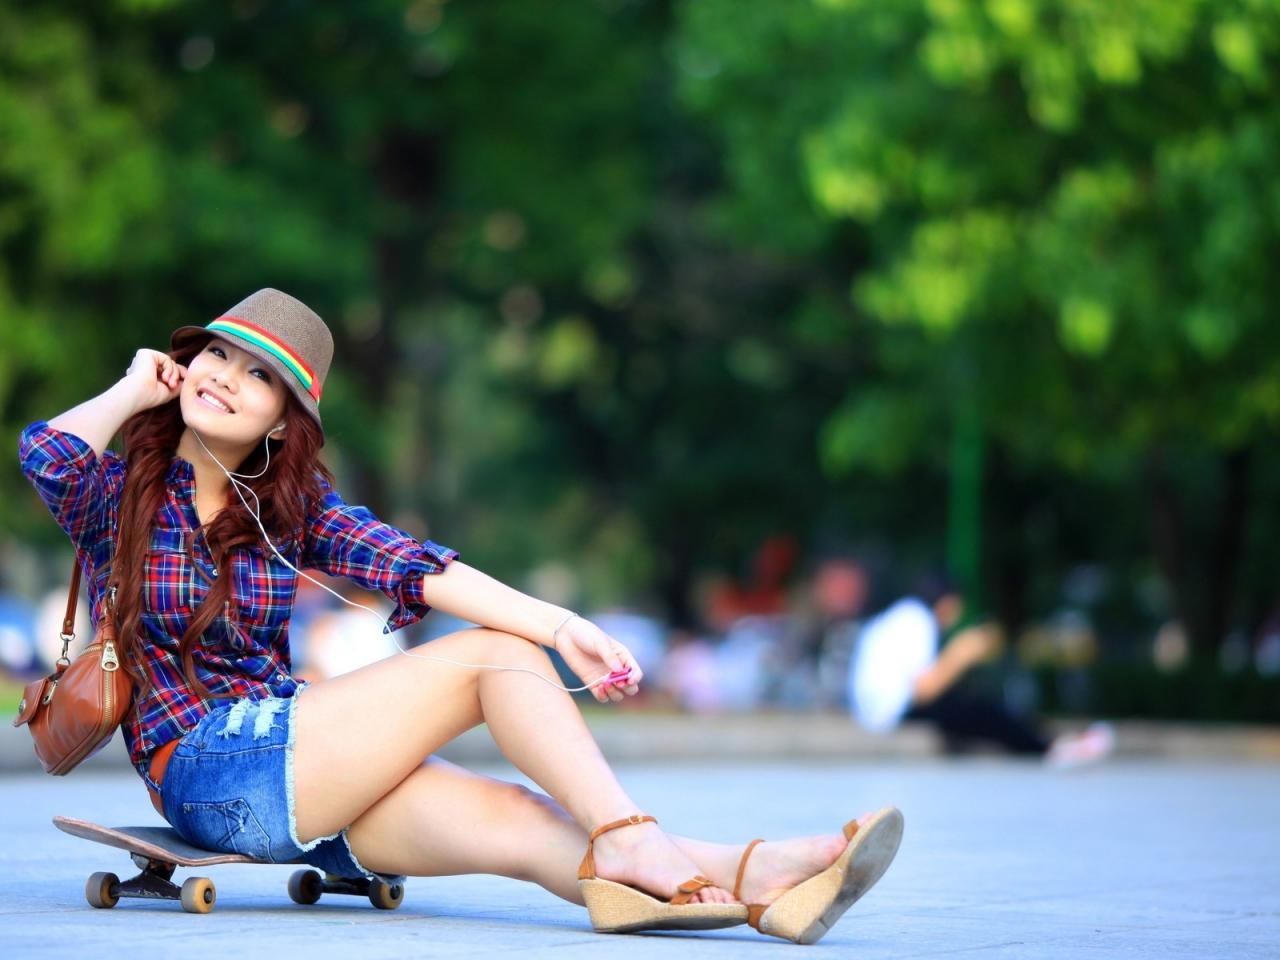 Asiática en Skate - 1280x960